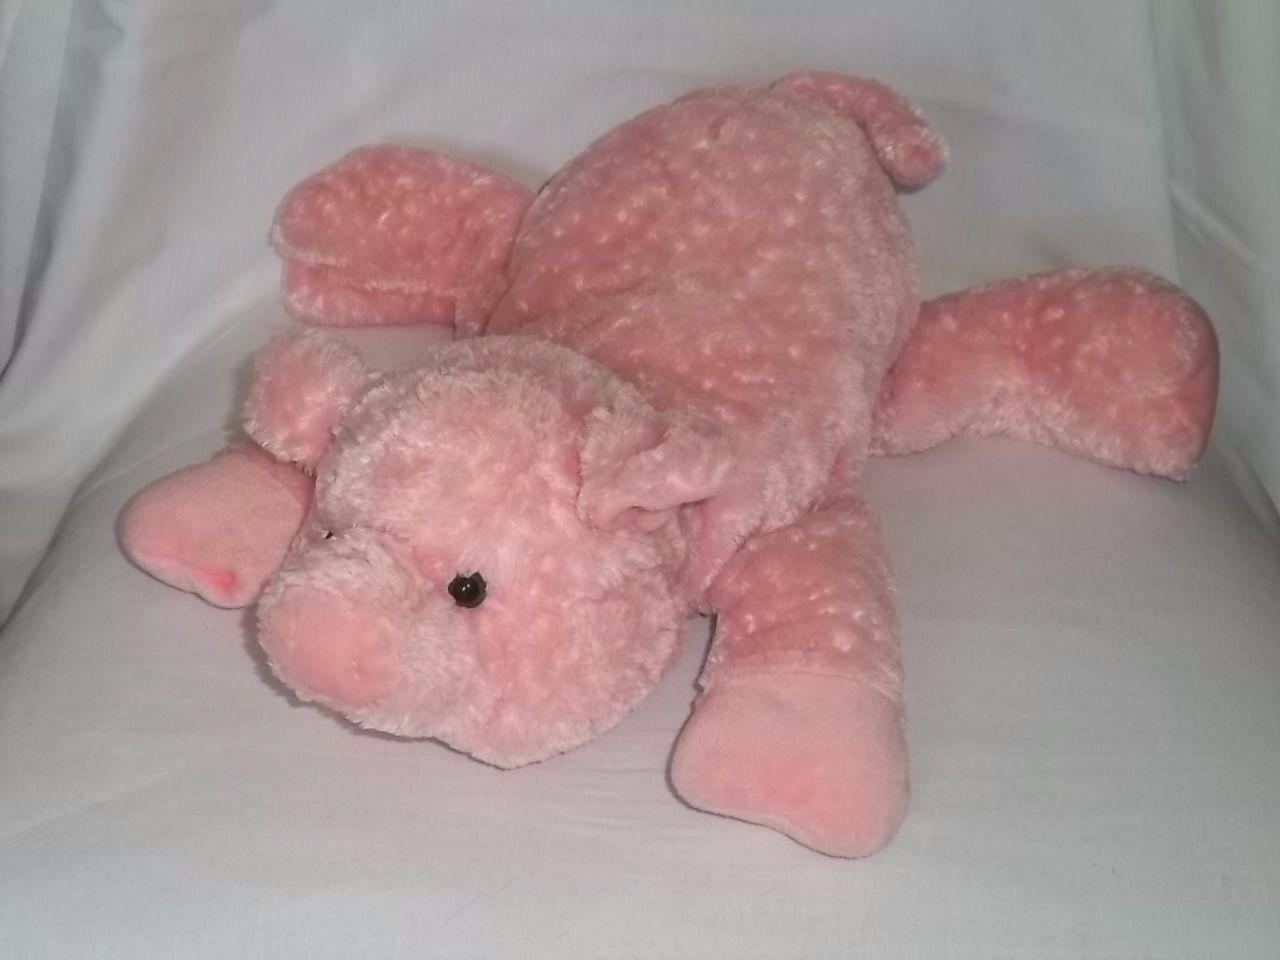 Zielvorgabe 14  plsch schwein schweinchen Rosa ber die 75278 soft - stofftier spielzeug selten